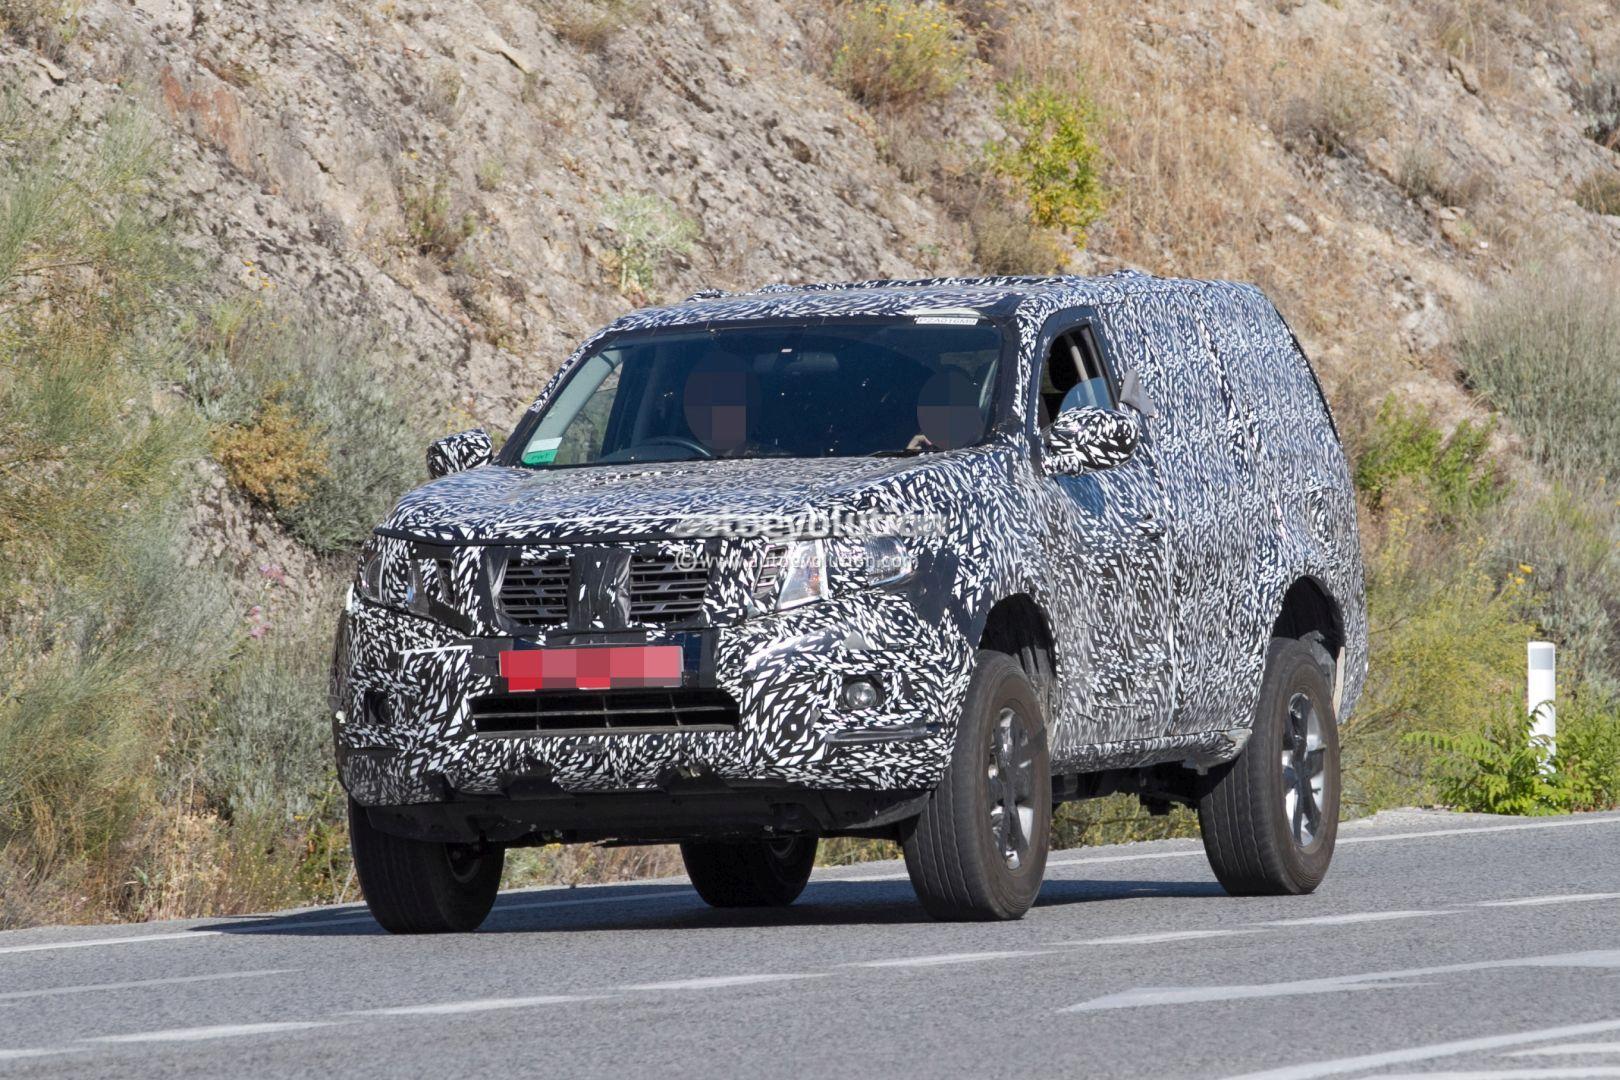 Next-Gen 2019 Nissan Pathfinder Spied, Shows Radical Front ...